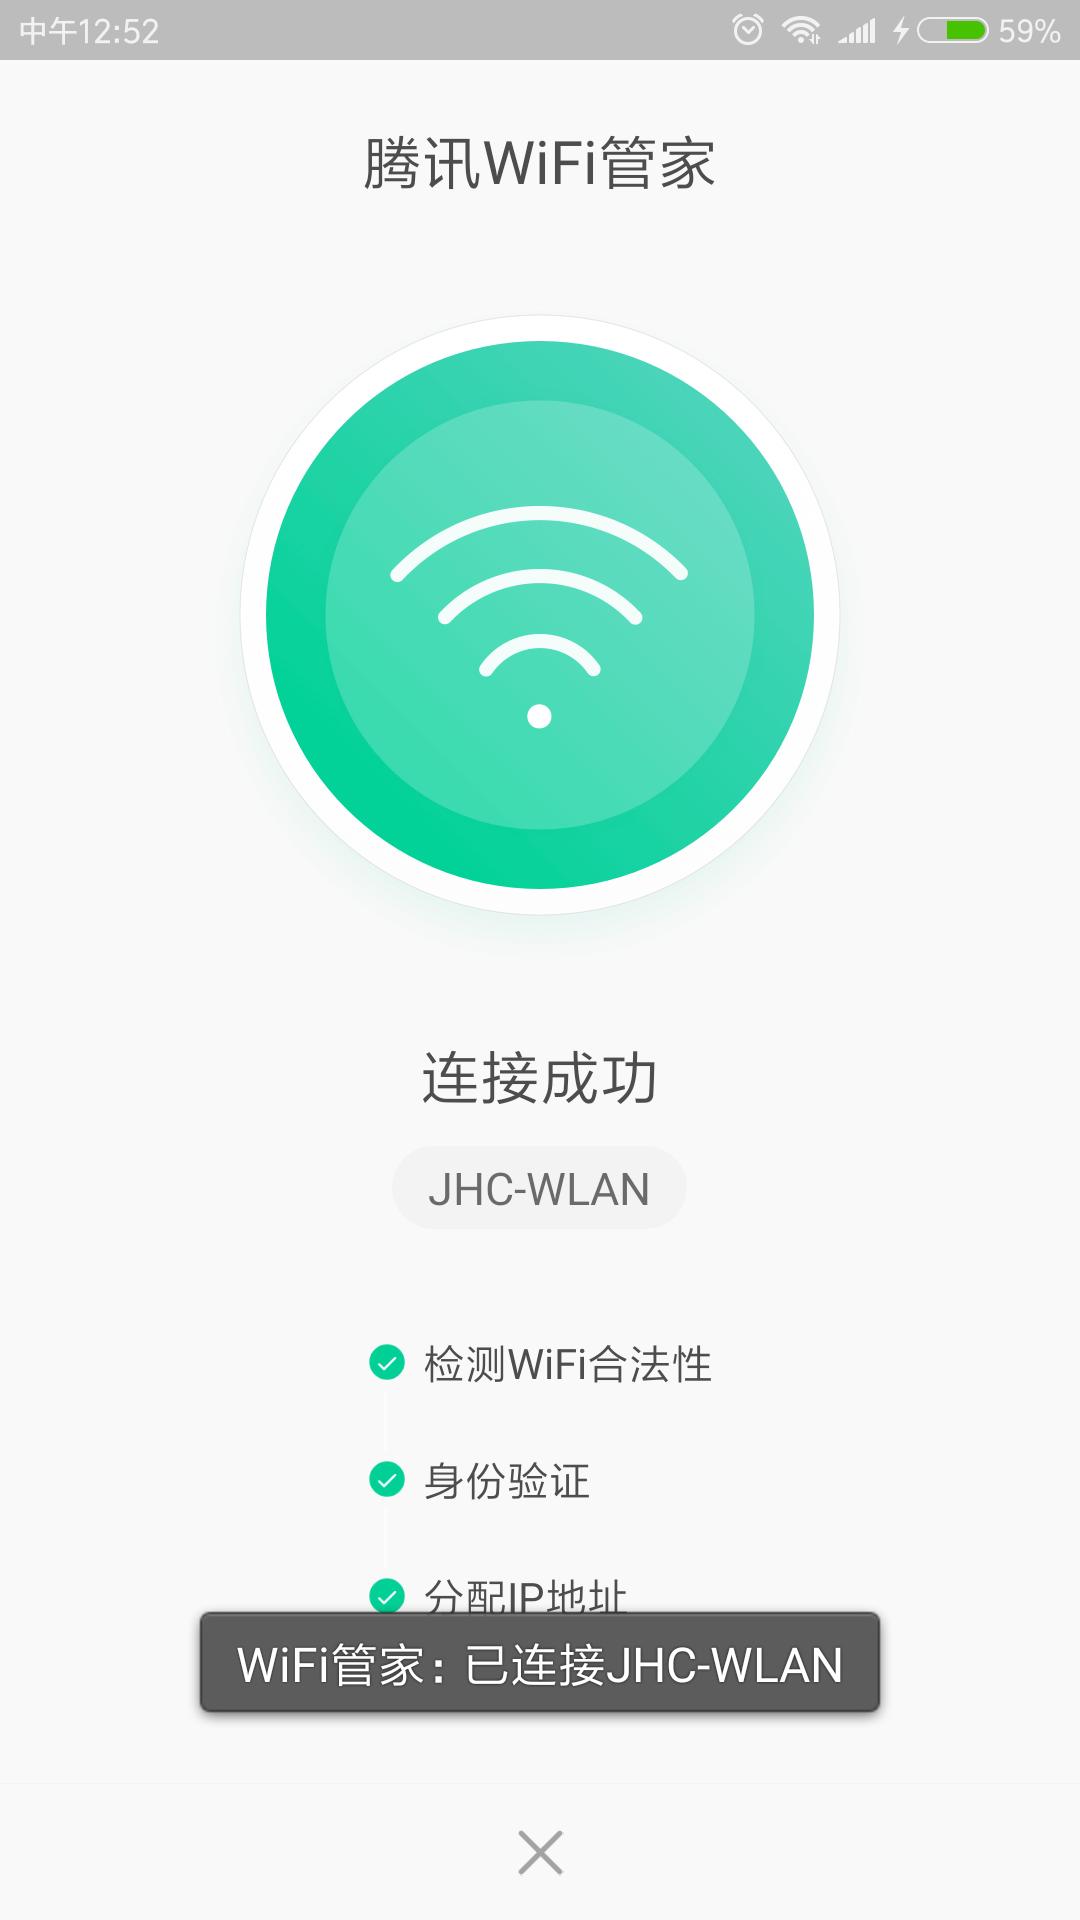 【分享】WIFI管家破解版,手机无需Root即可查看wifi密码-爱小助